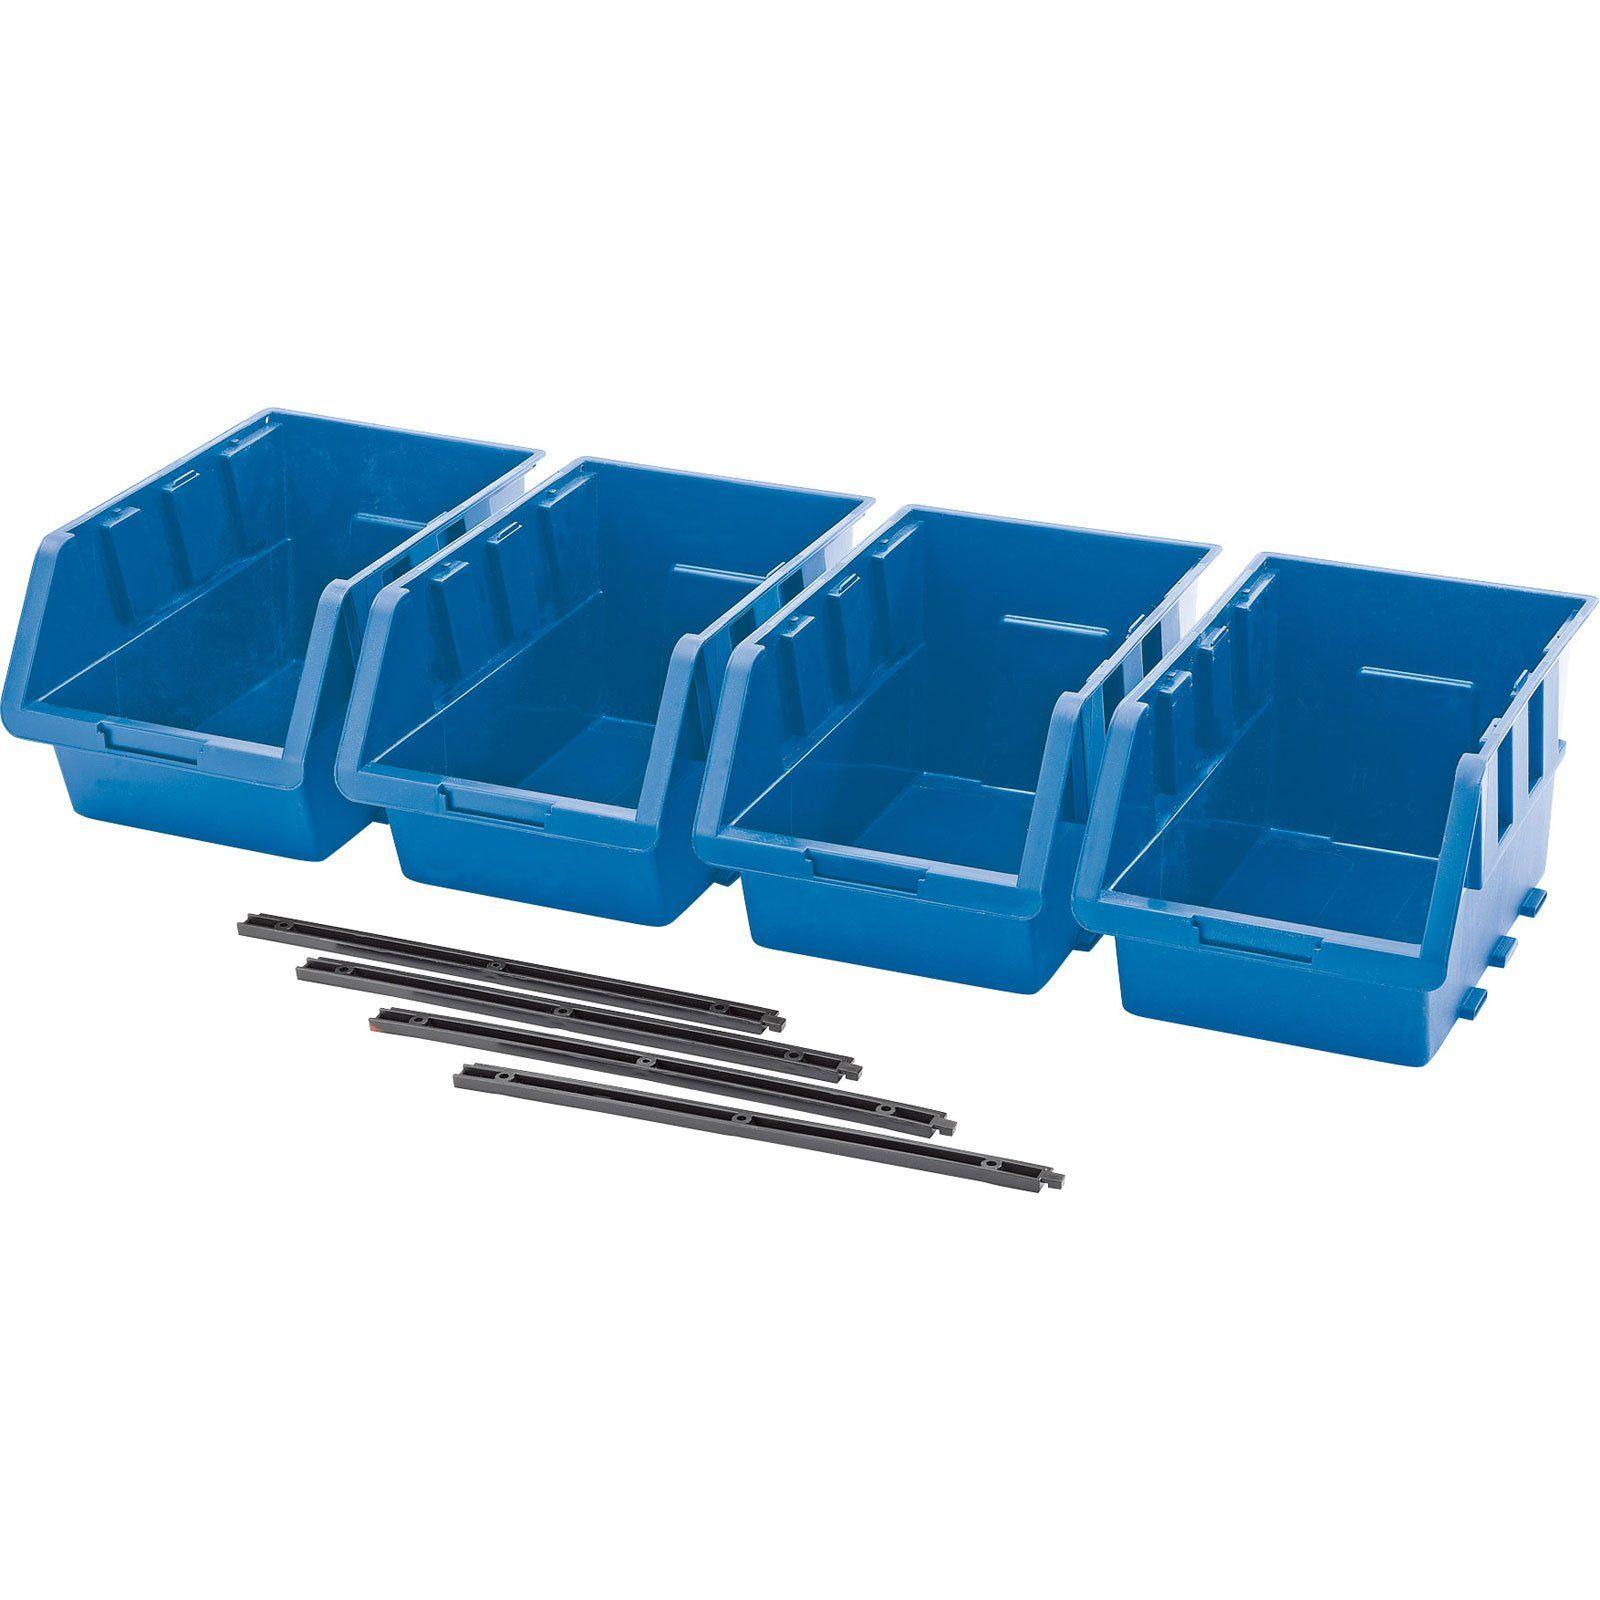 Draper 4 Piece Set Of Large Storage Bins 150mm X 240mm X 128mm